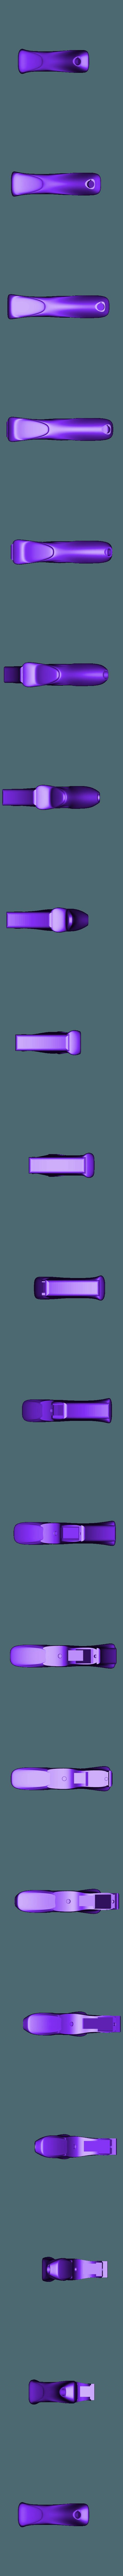 stock_bottom.stl Télécharger fichier STL gratuit EPIC 6 stage coilgun • Objet pour impression 3D, Gyro